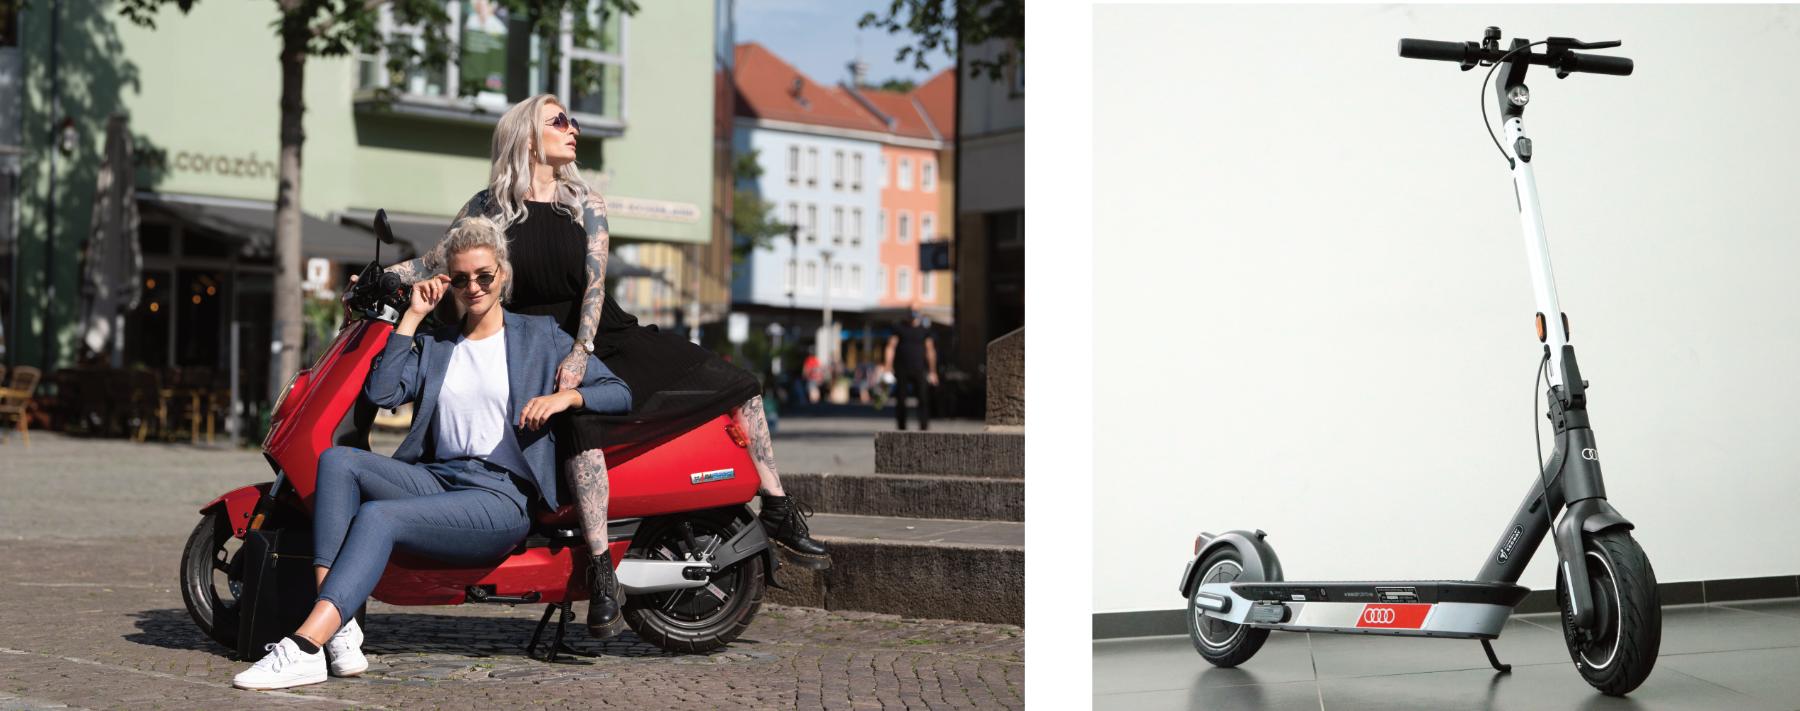 Emissionsfrei und günstig unterwegs mit dem E-Roller